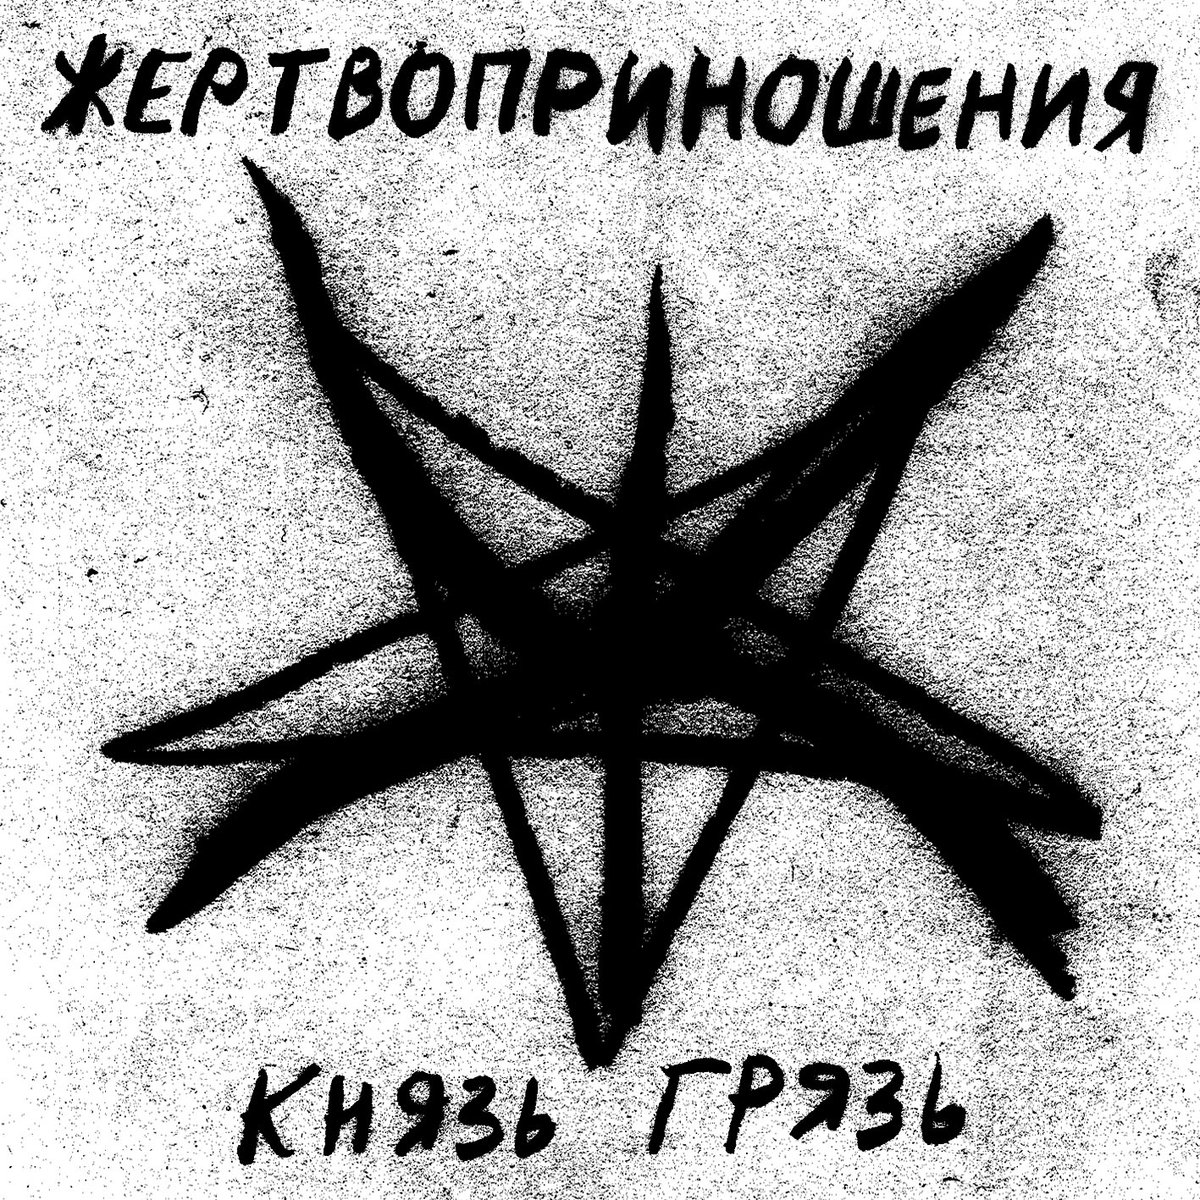 Zhertvoprinosheniya - knyaz gryaz